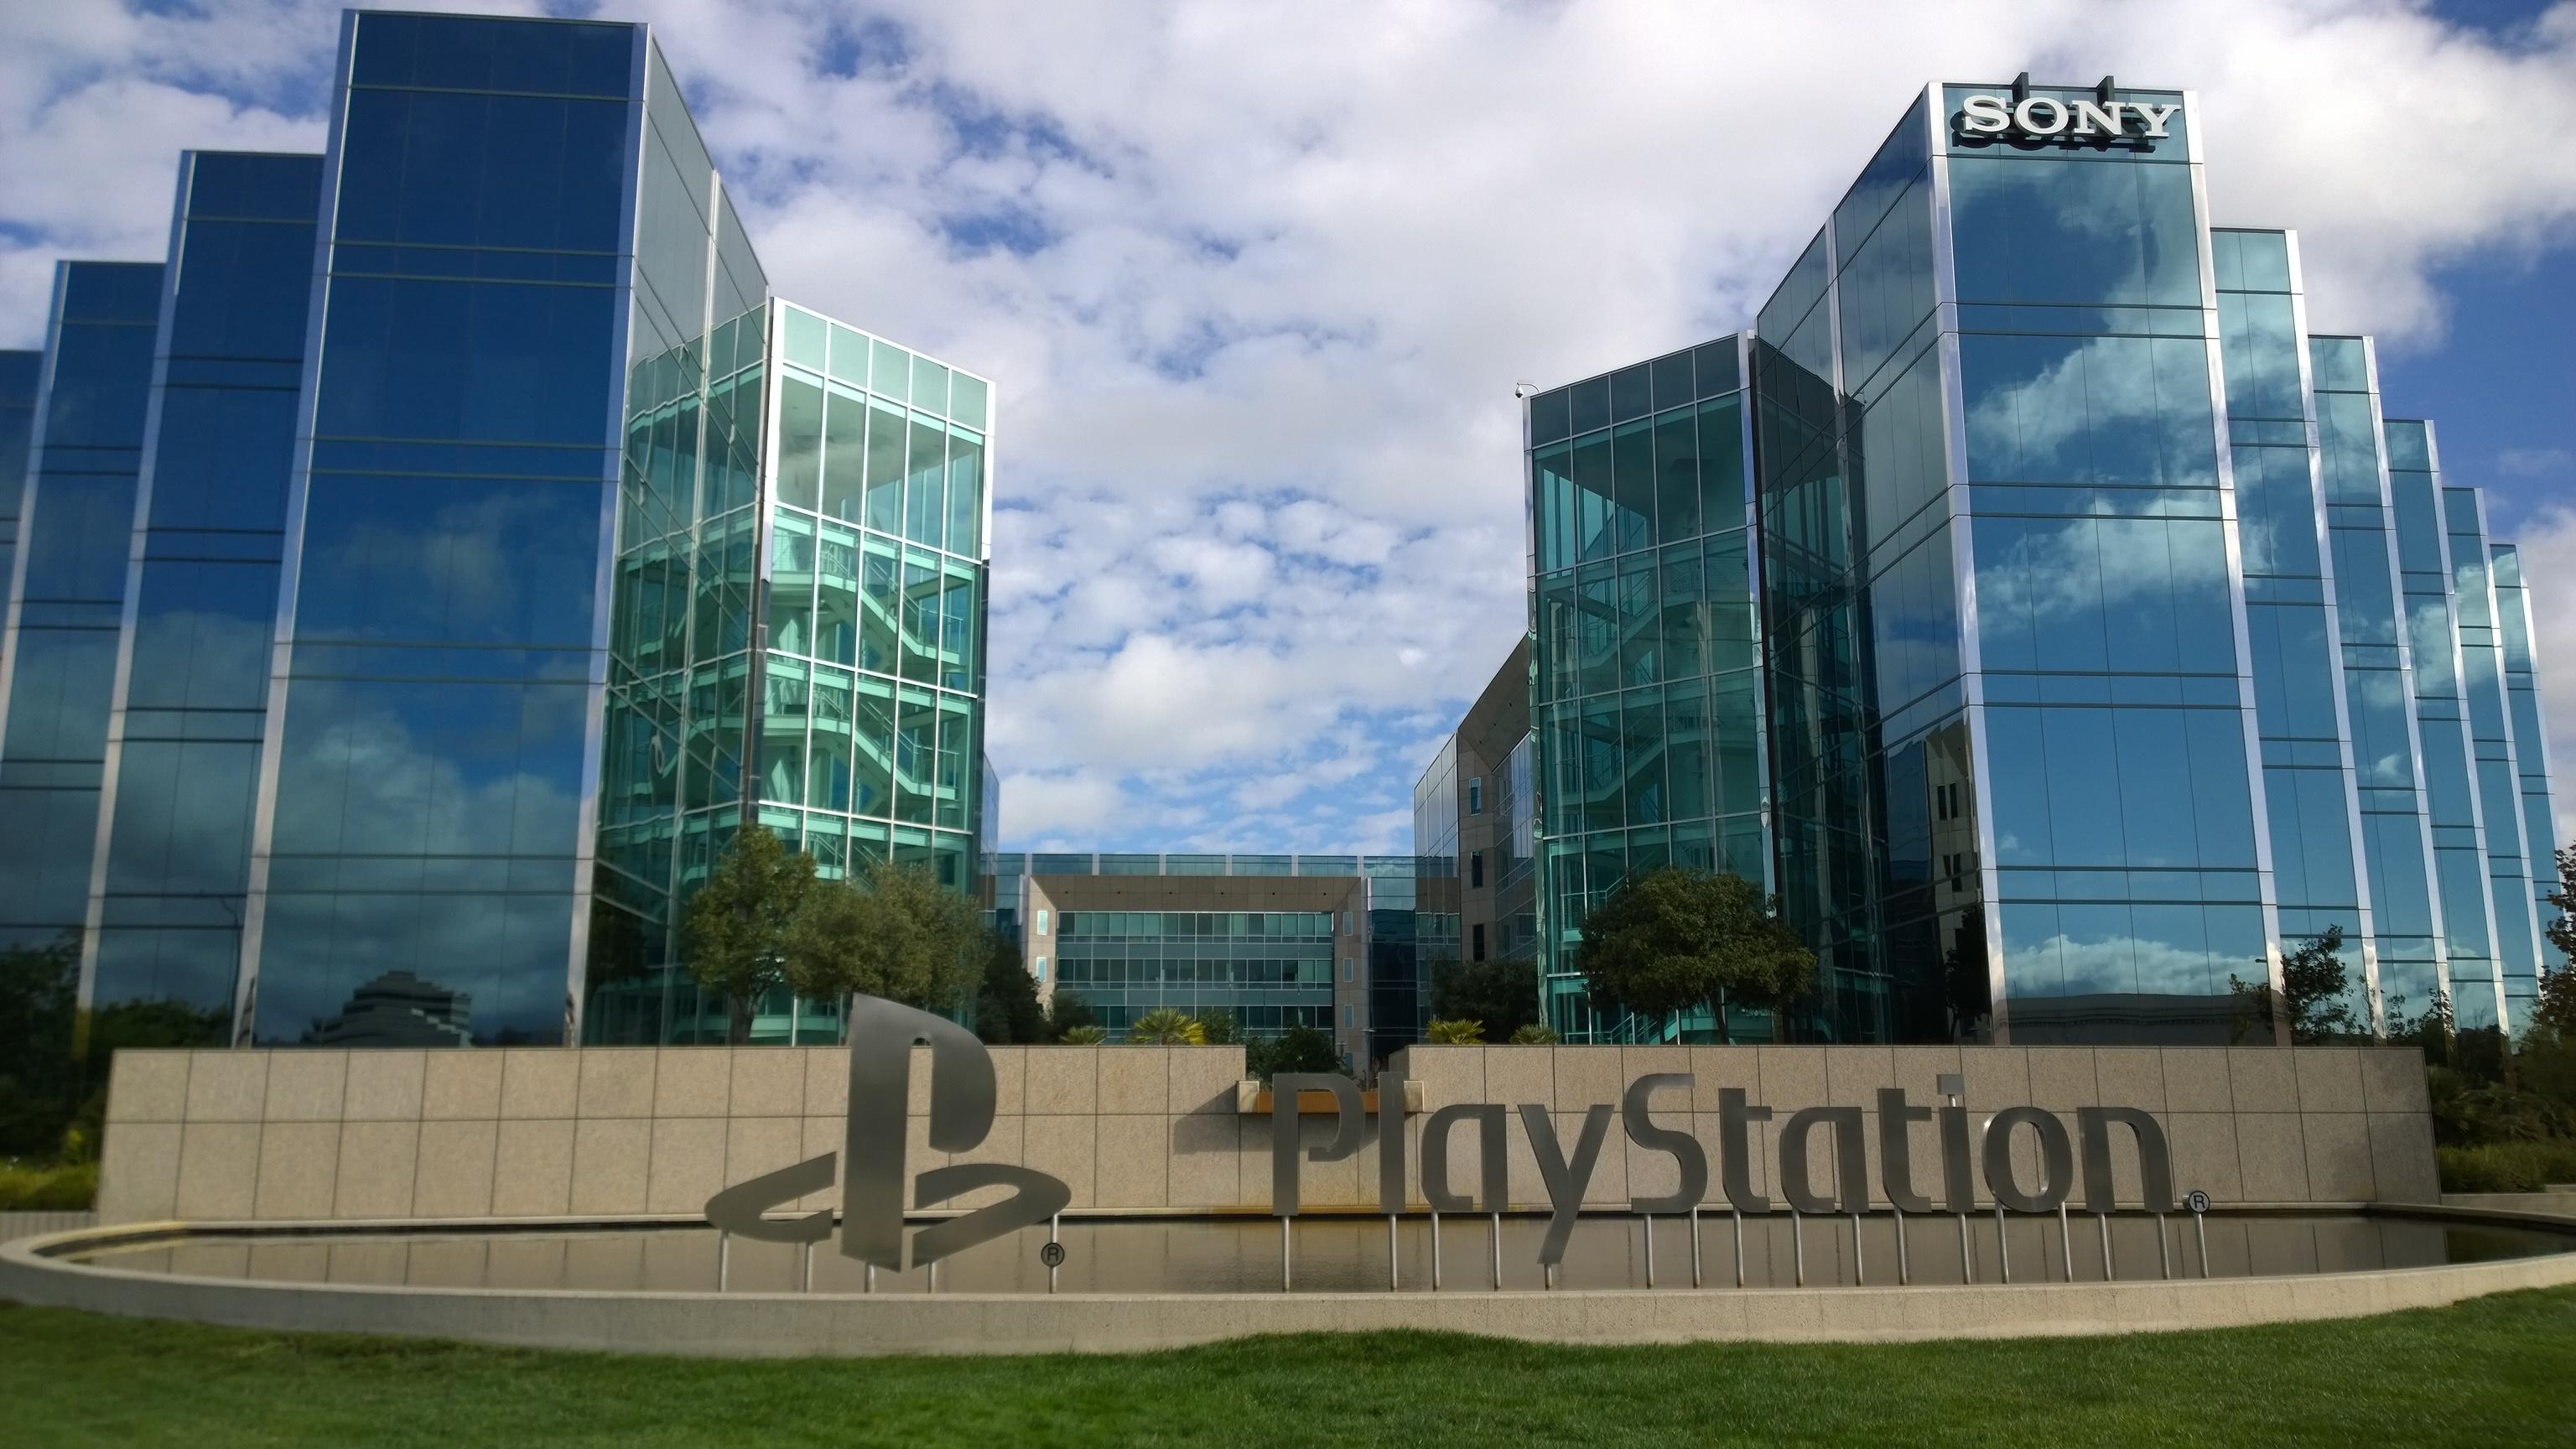 PlayStation HQ